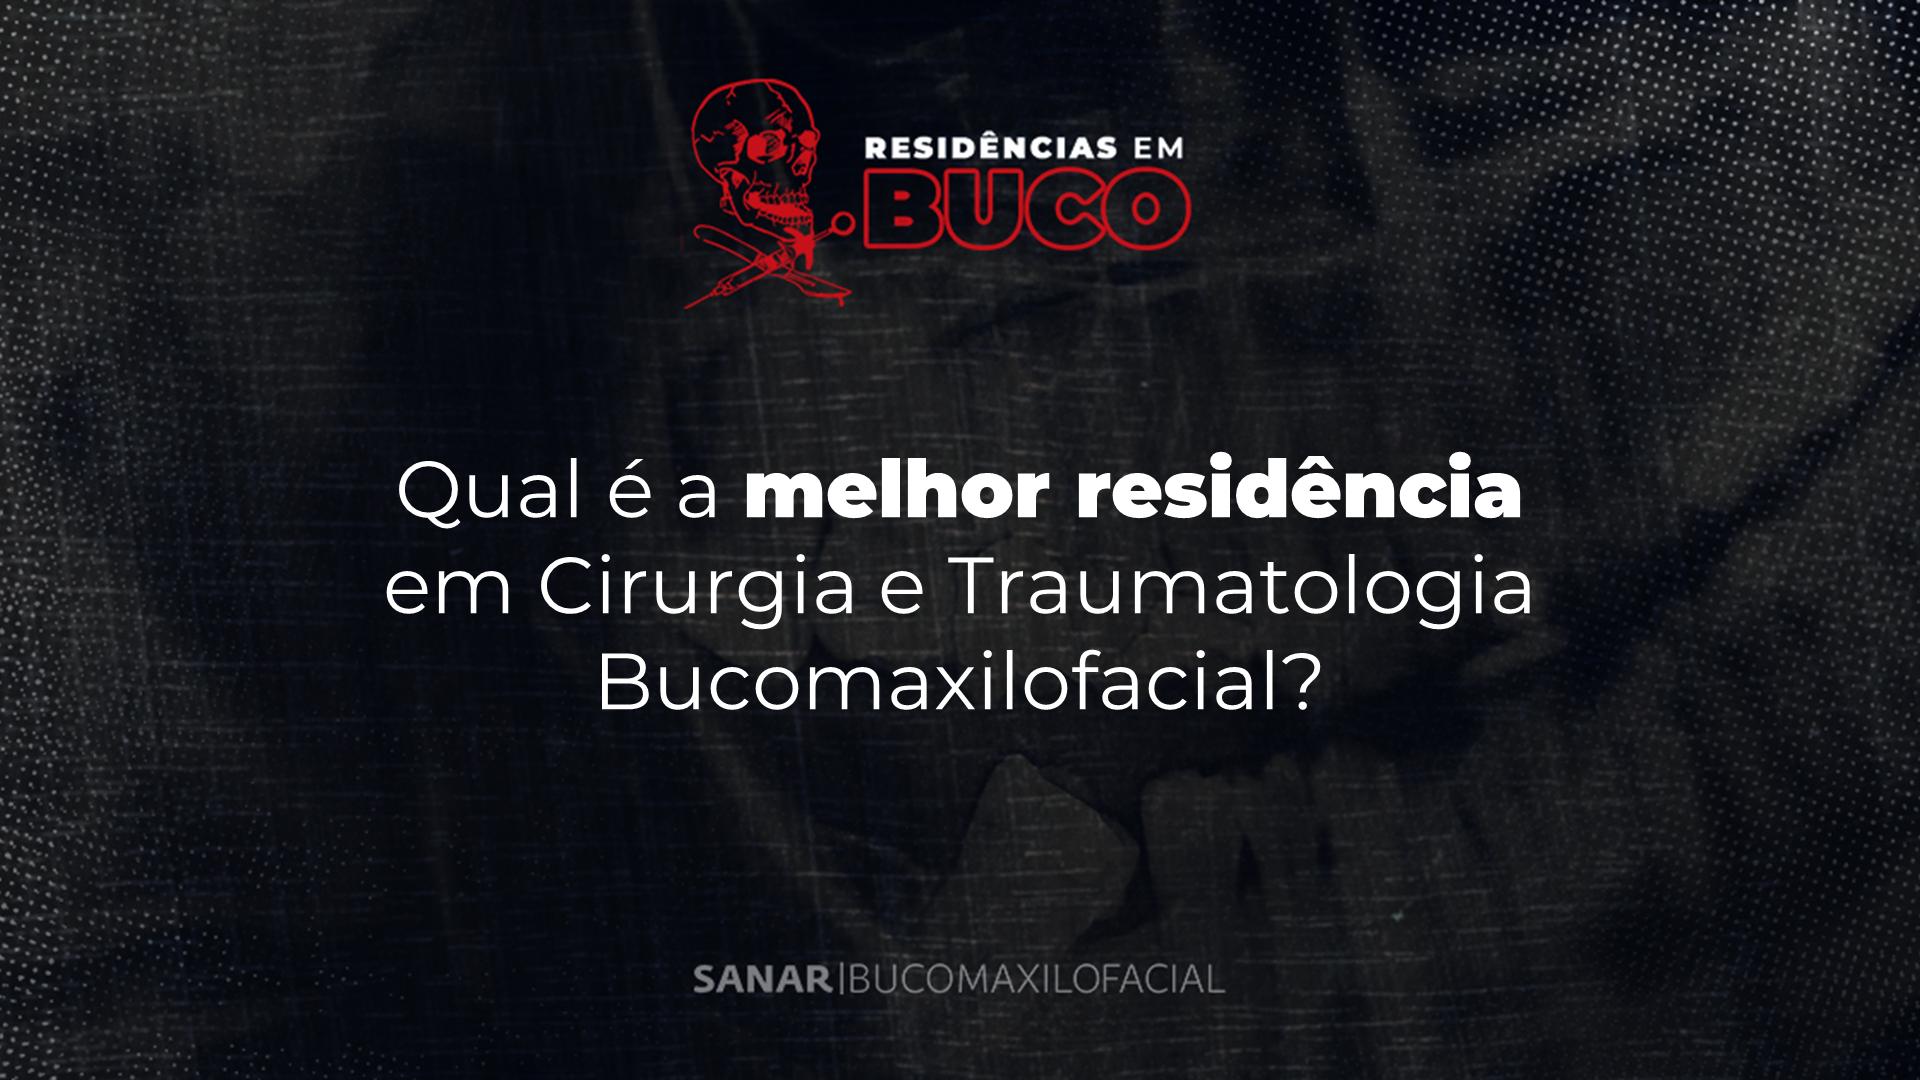 Qual é a melhor residência em Cirurgia e Traumatologia Bucomaxilofacial?